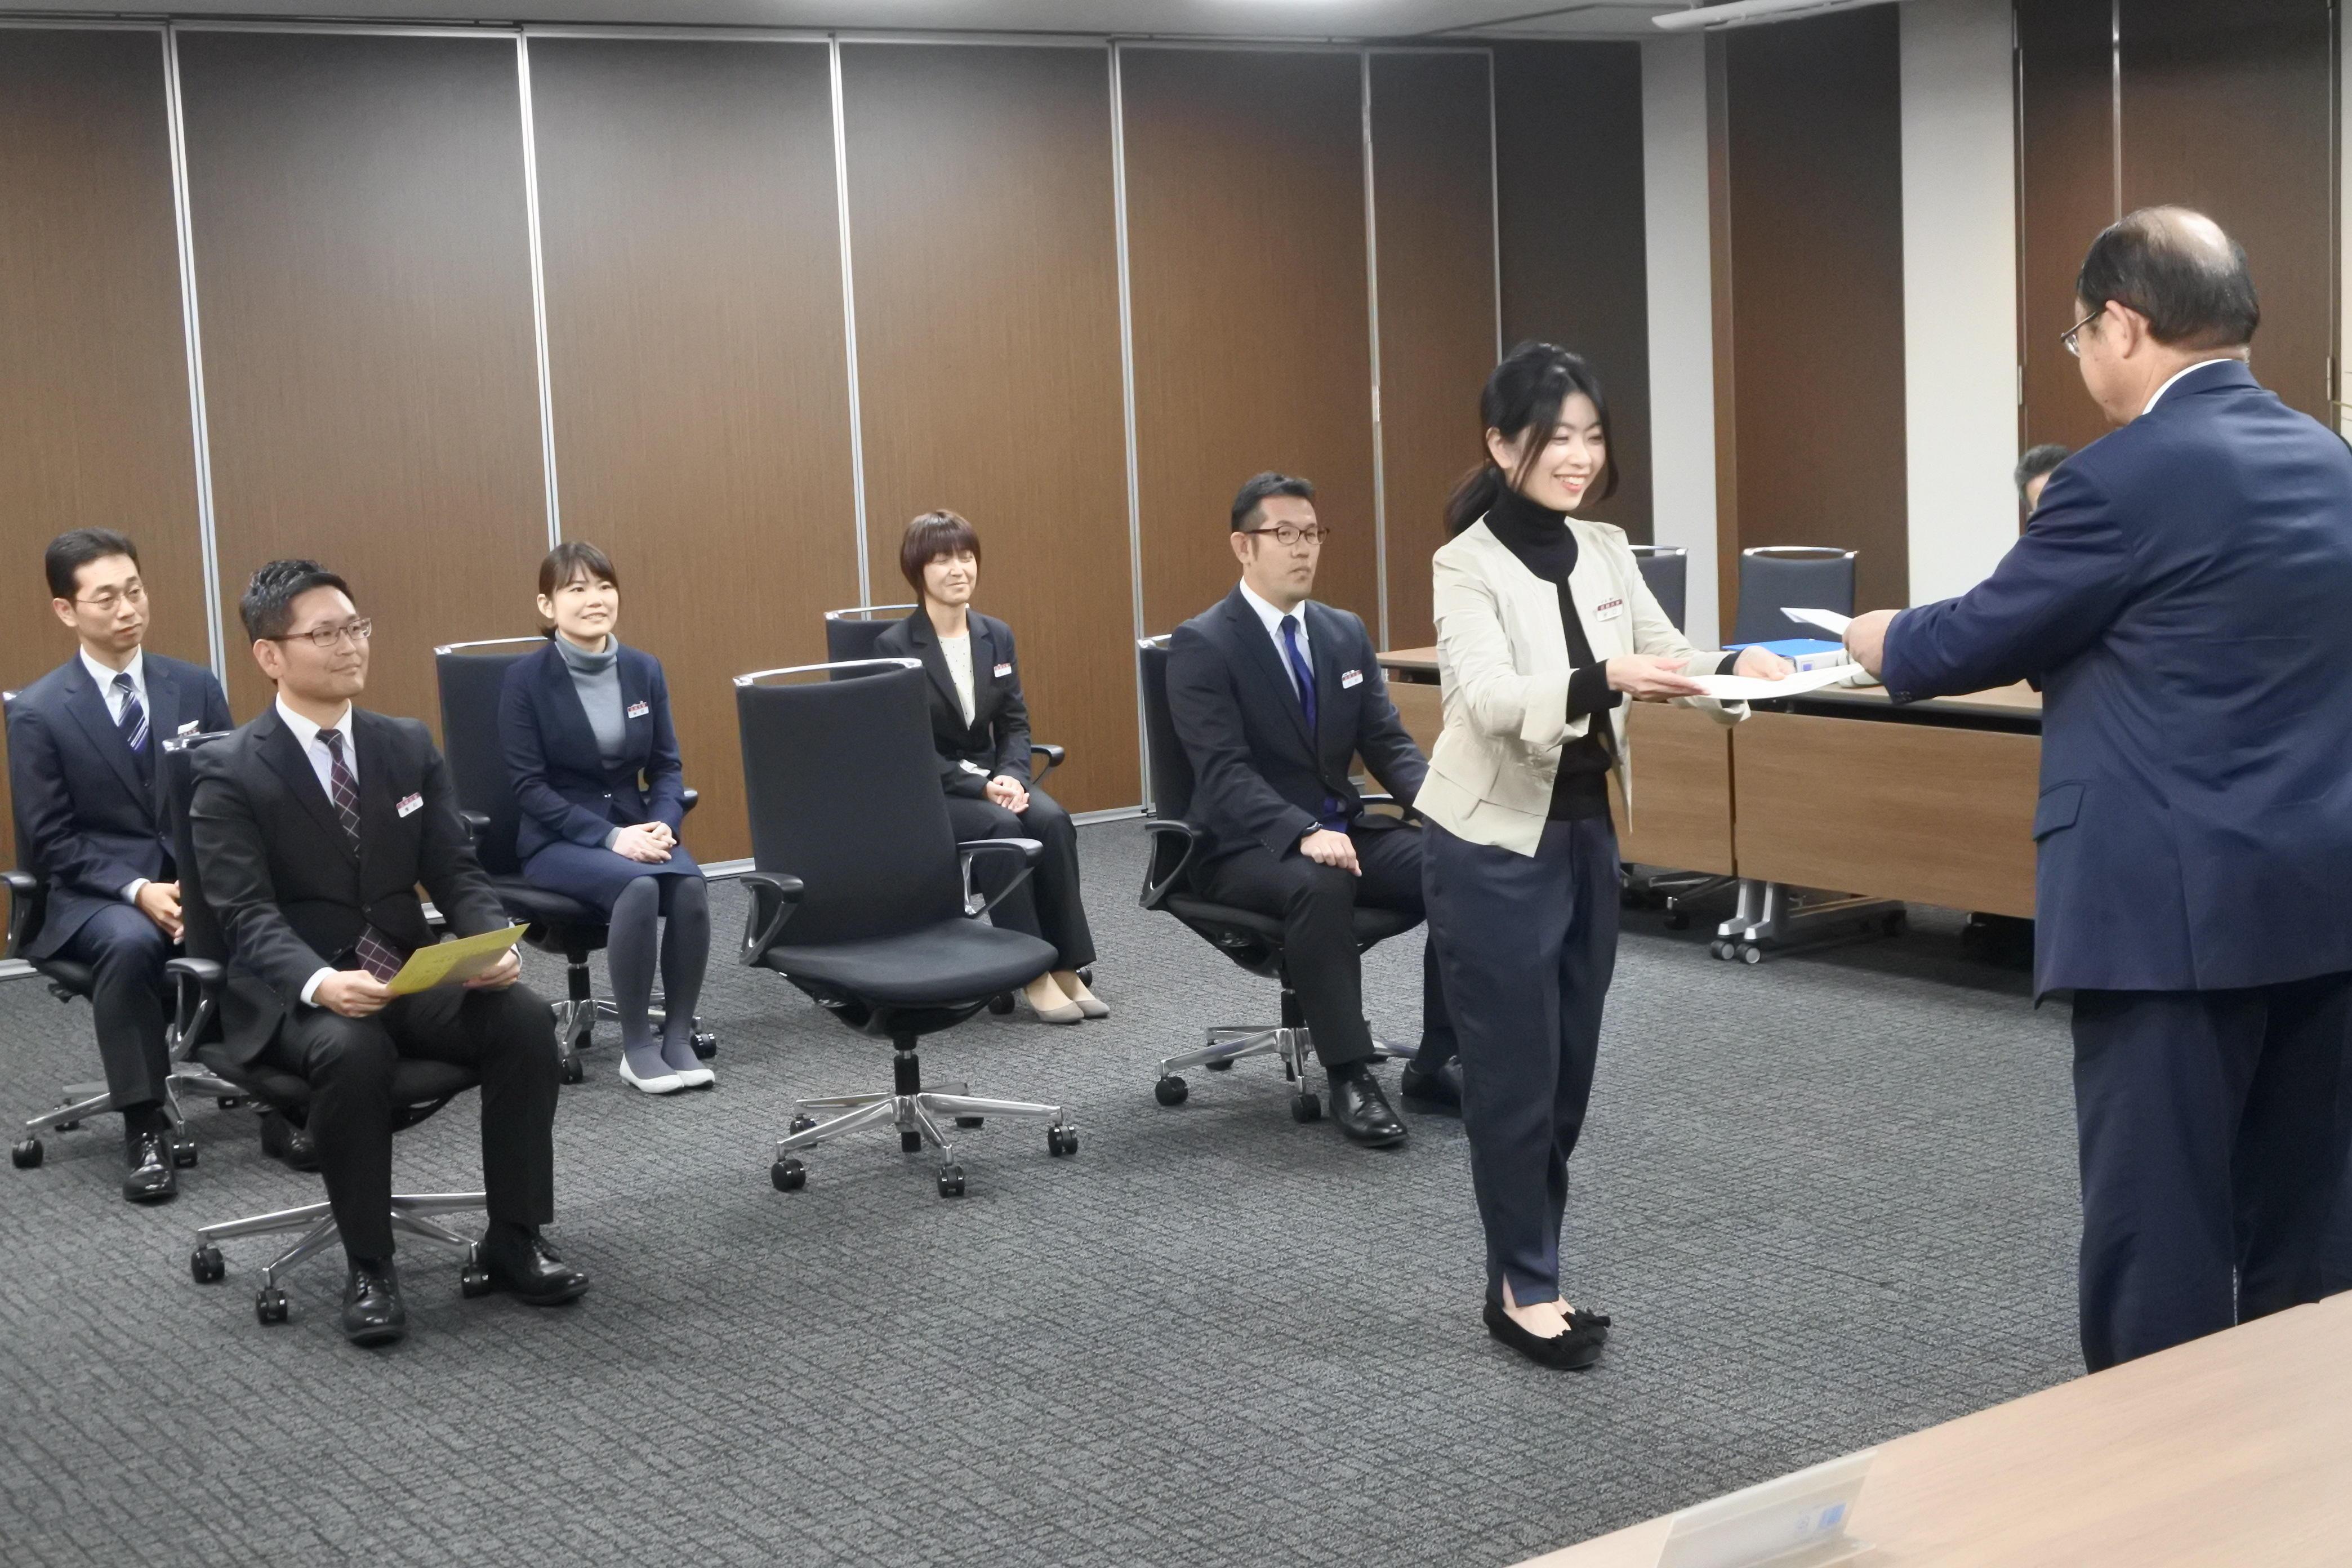 賞金を受け取る経済学部事務室の谷口多絵さん